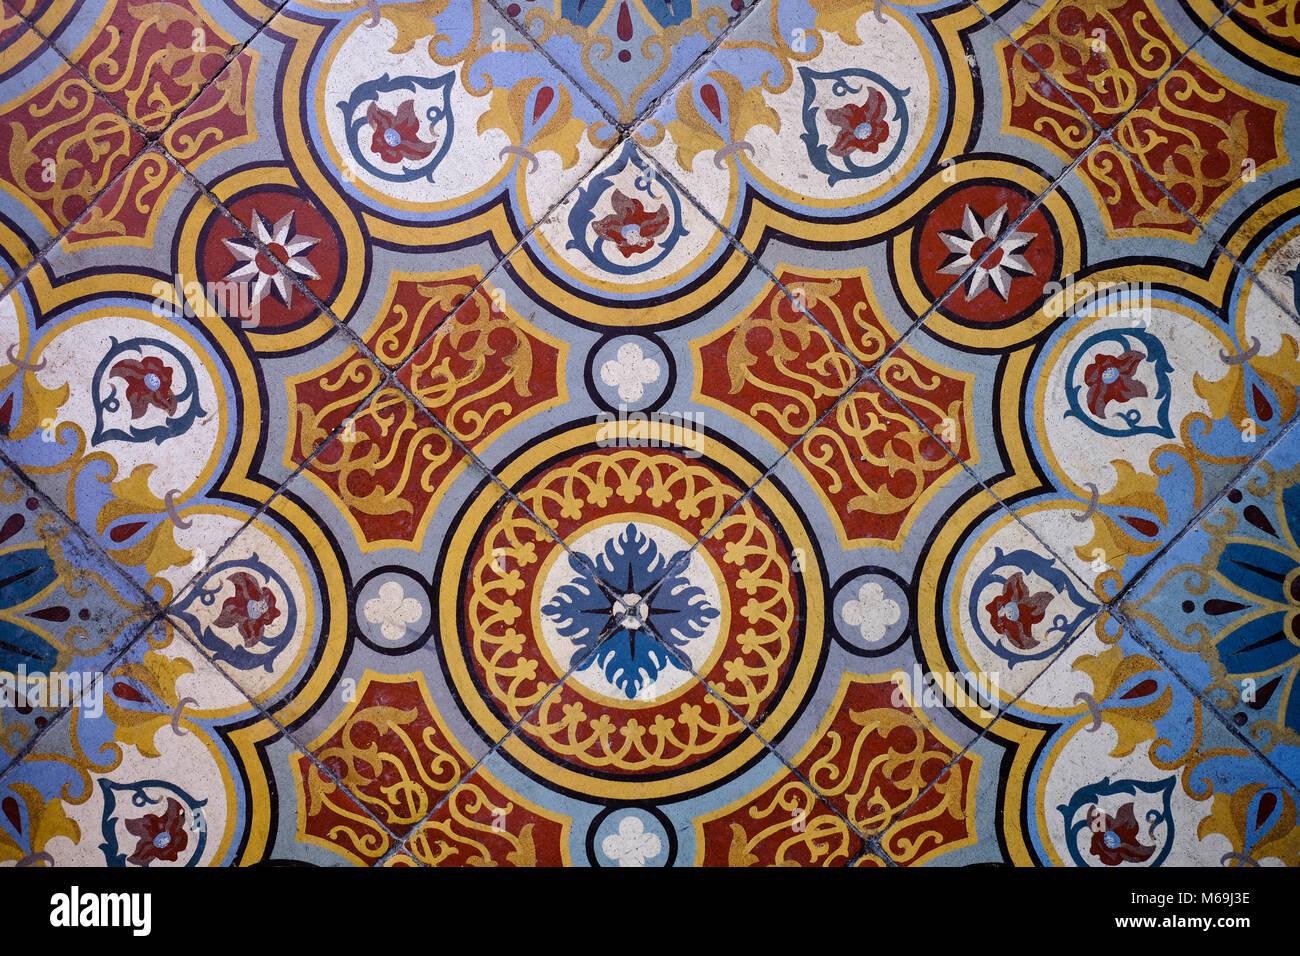 Alte dekorative Keramik. Kondom. Le Gers, neue Aquitaine, Midi-Pyerenees. Frankreich Europa Stockbild